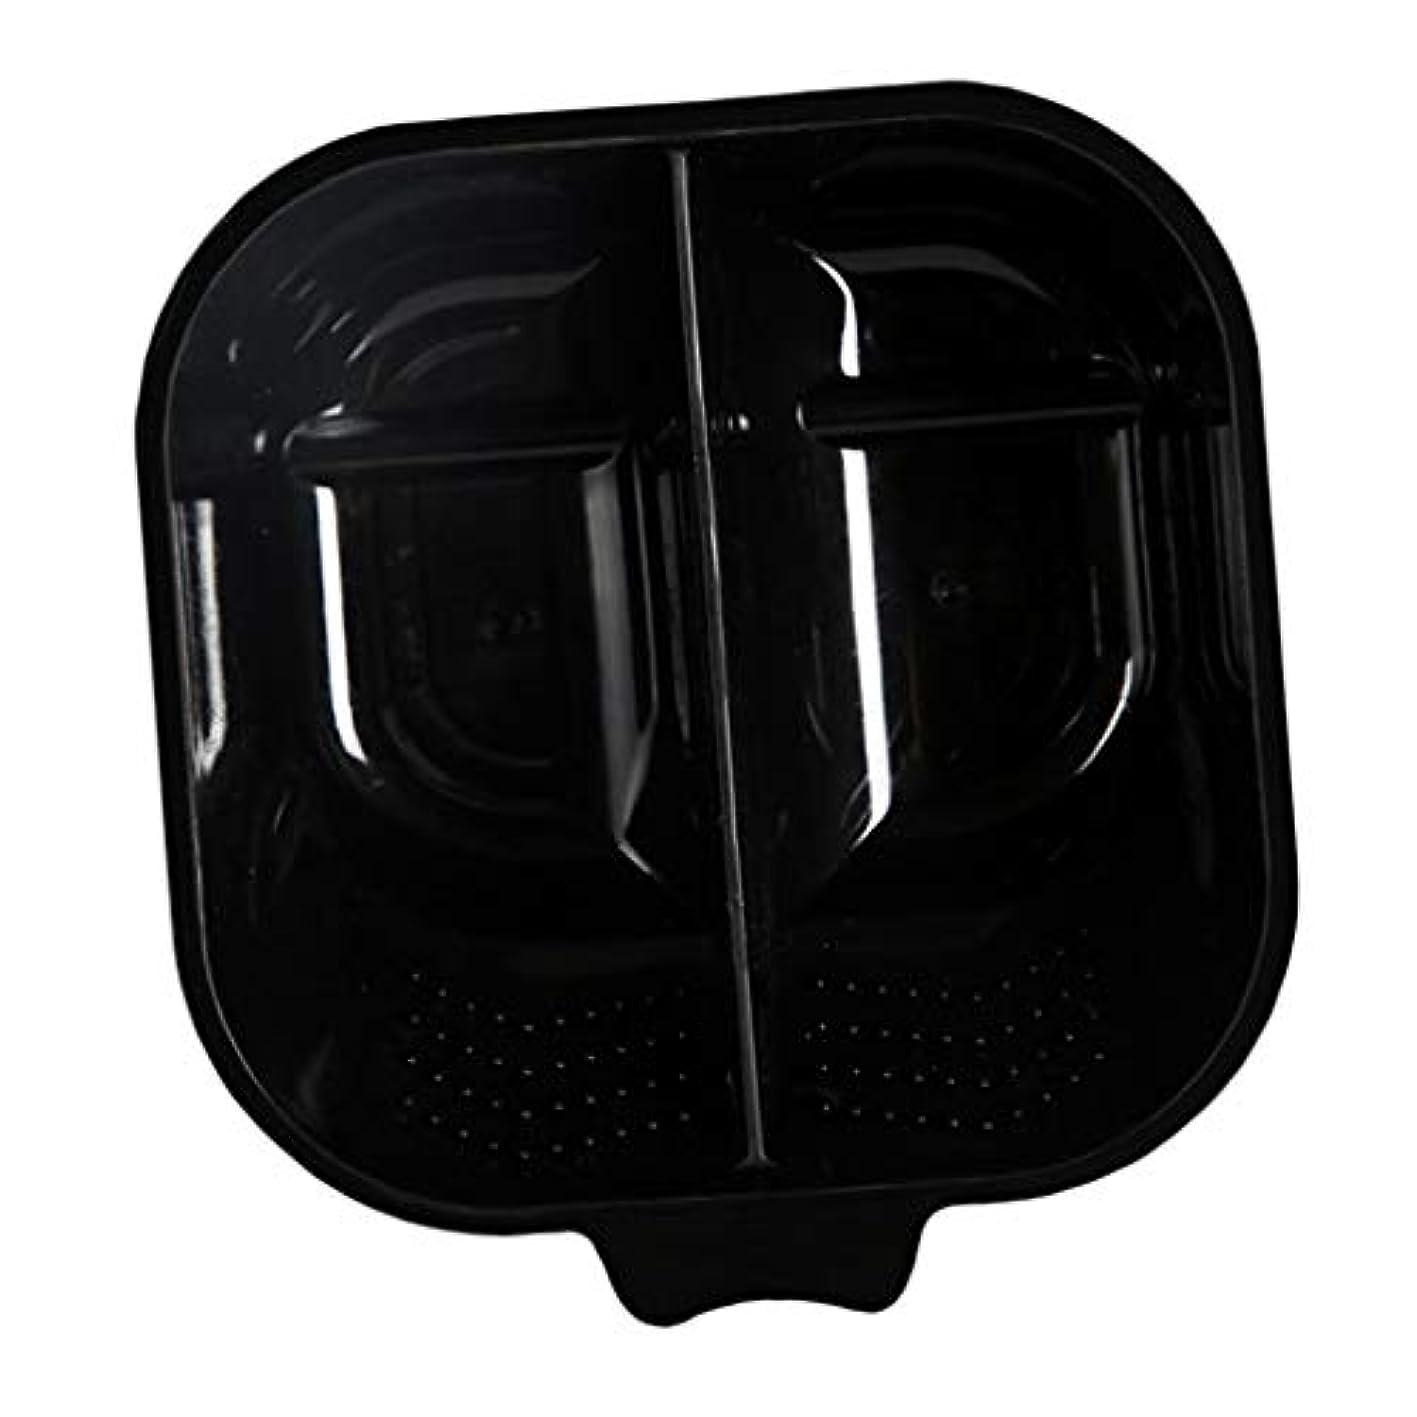 漂流増強するボーカルDYNWAVE ヘアカラーリング用品 ヘアカラーボウル ヘアカラープレート 毛染め 染料 混ぜる サロン プロ用品